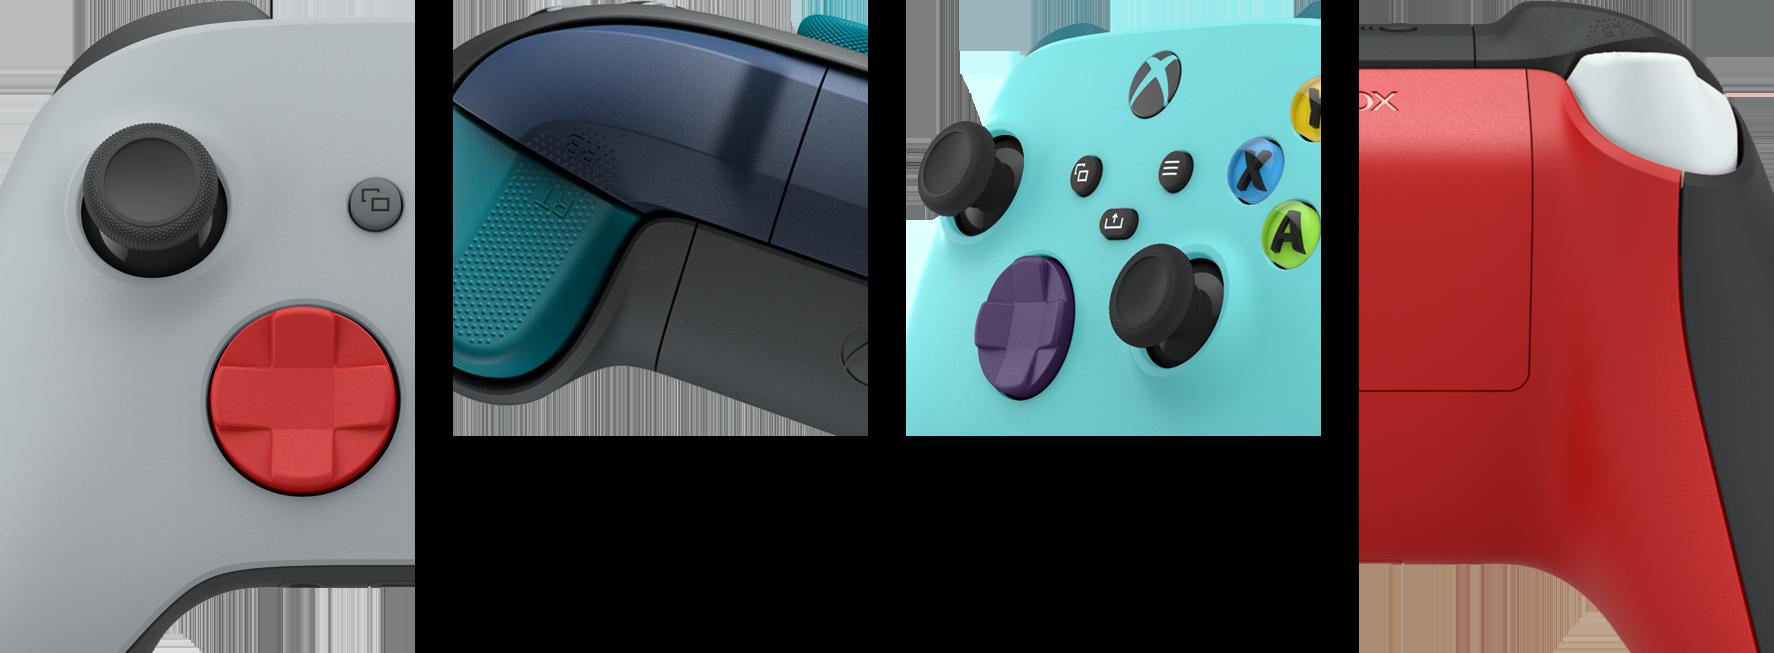 Mosaïque de plans rapprochés de la manette Xbox avec différents angles de vue